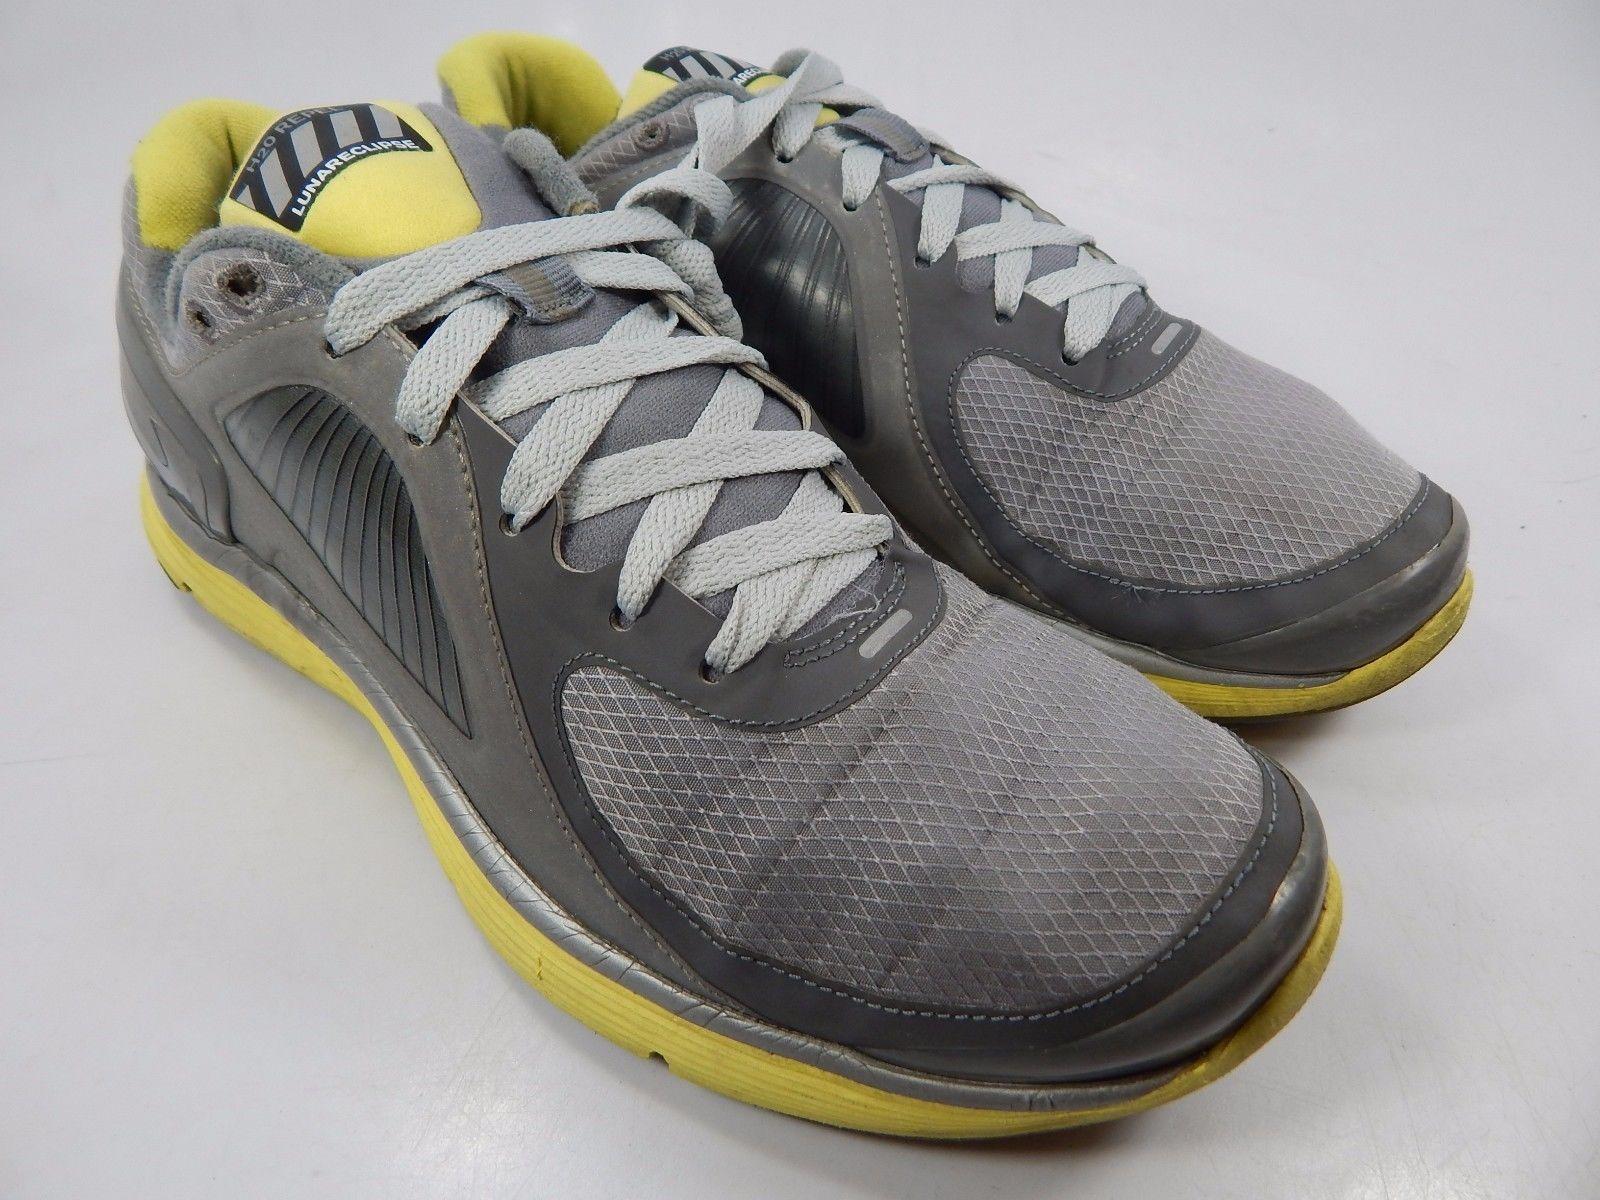 Nike Lunareclipse + Shield Women's Running Shoes Sz US 10 M (B) EU 42 415341-007